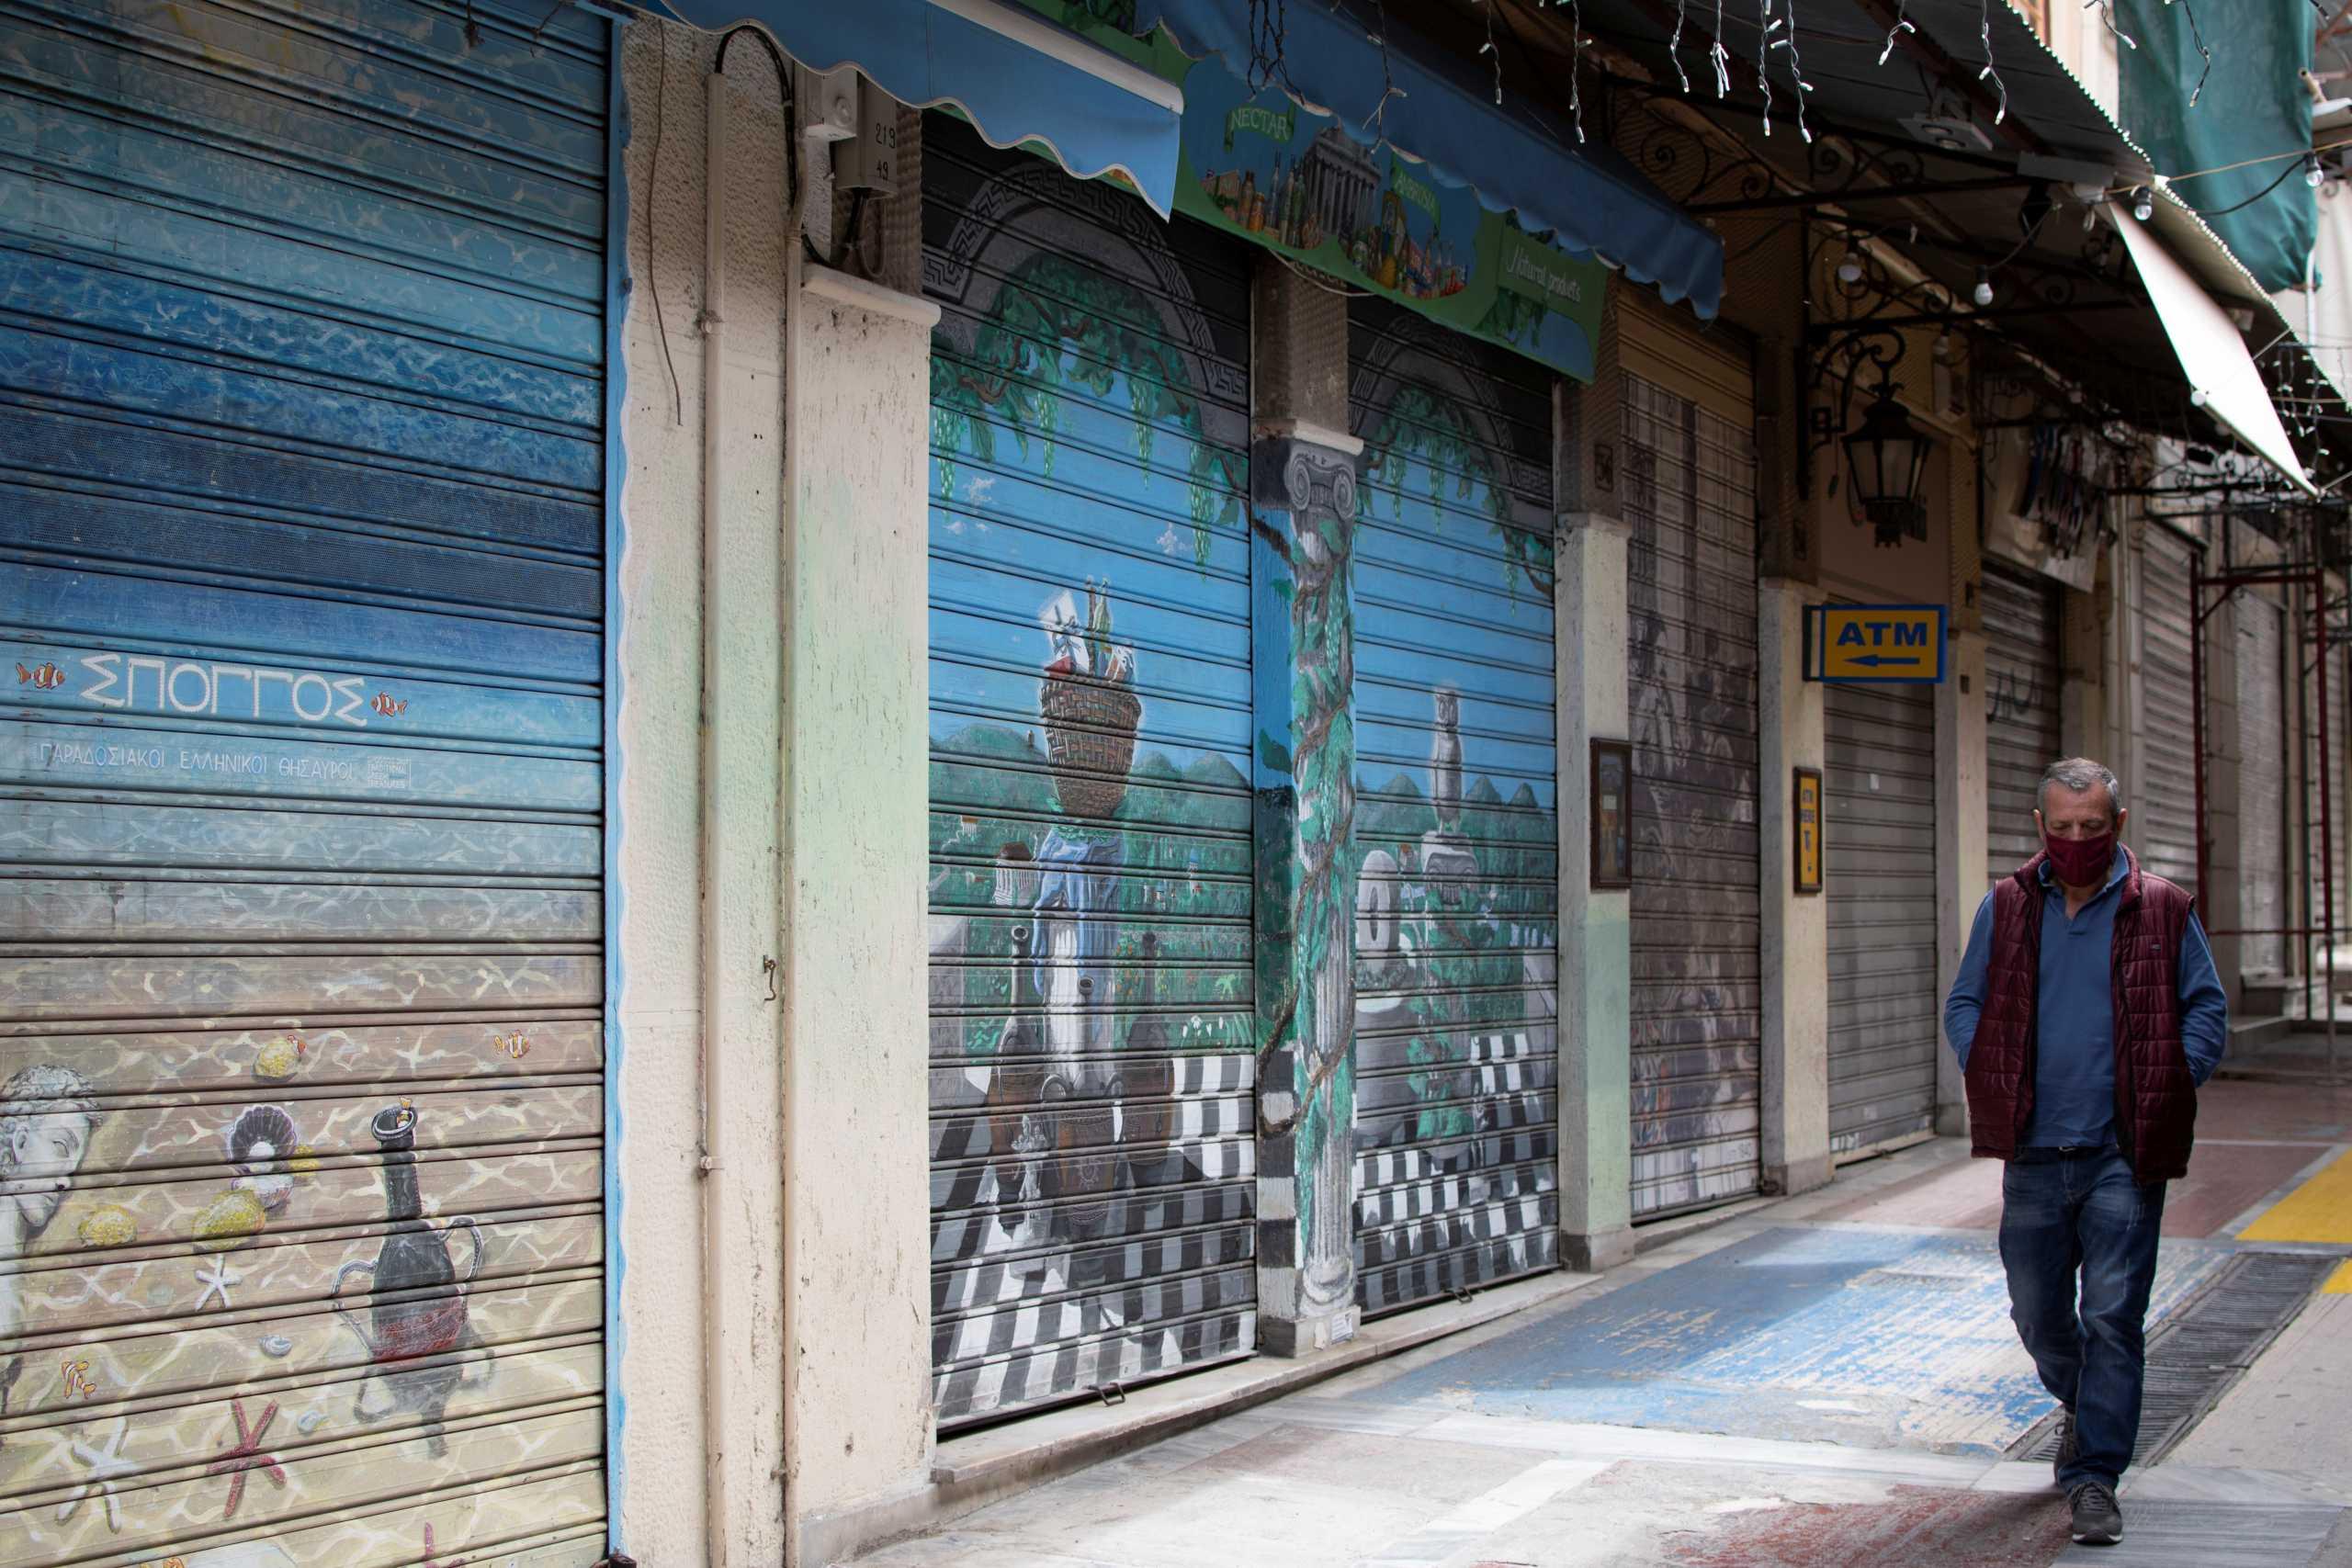 Νέο πακέτο στήριξης για τις κλειστές επιχειρήσεις τον Απρίλιο ανακοινώνει η κυβέρνηση